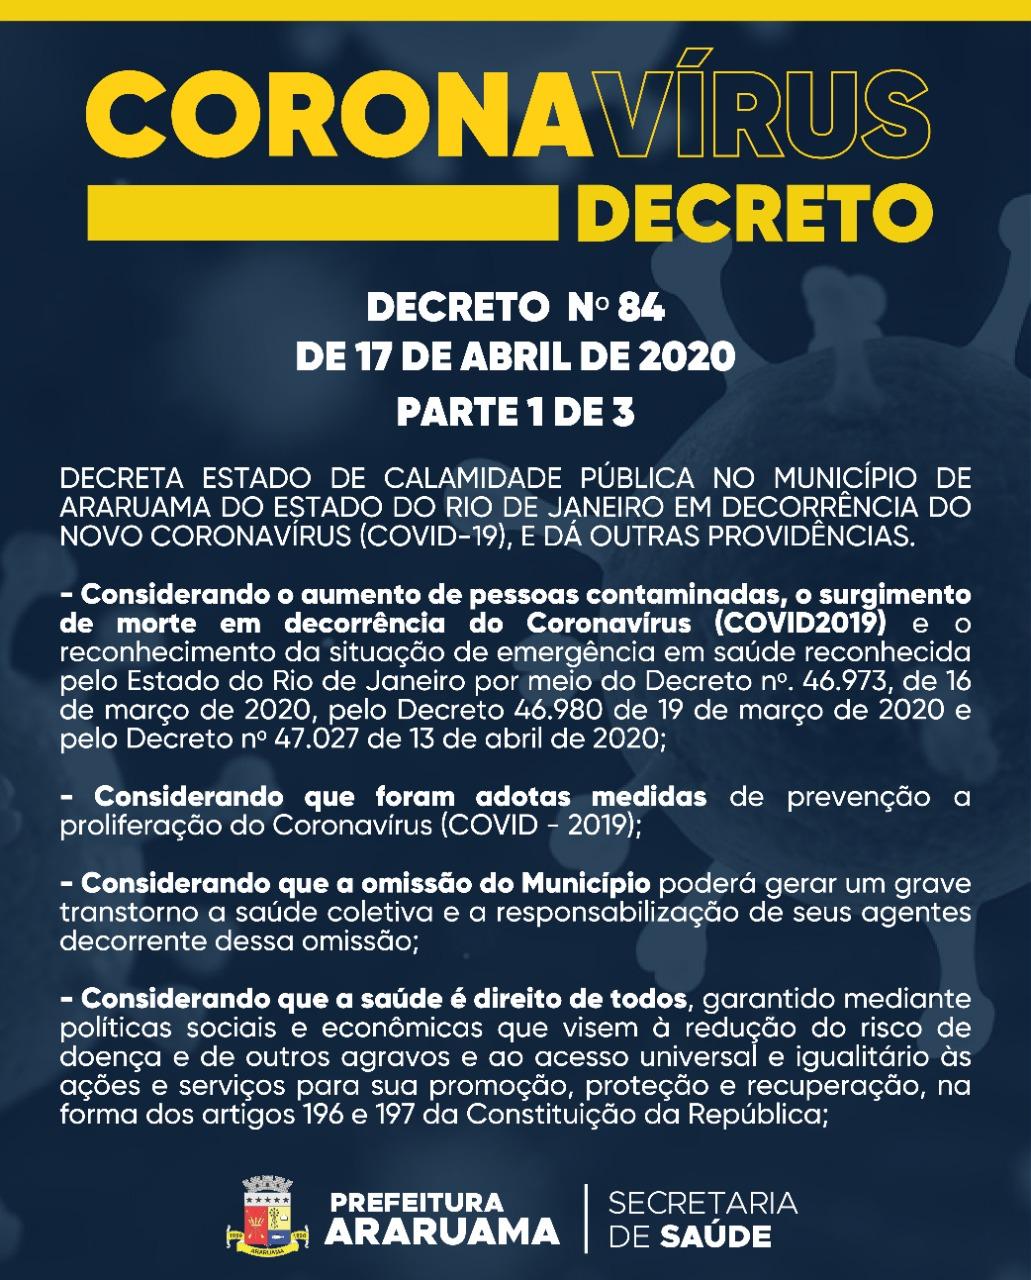 Prefeitura de Araruama decreta Estado de Calamidade Pública em virtude da pandemia do Coronavírus